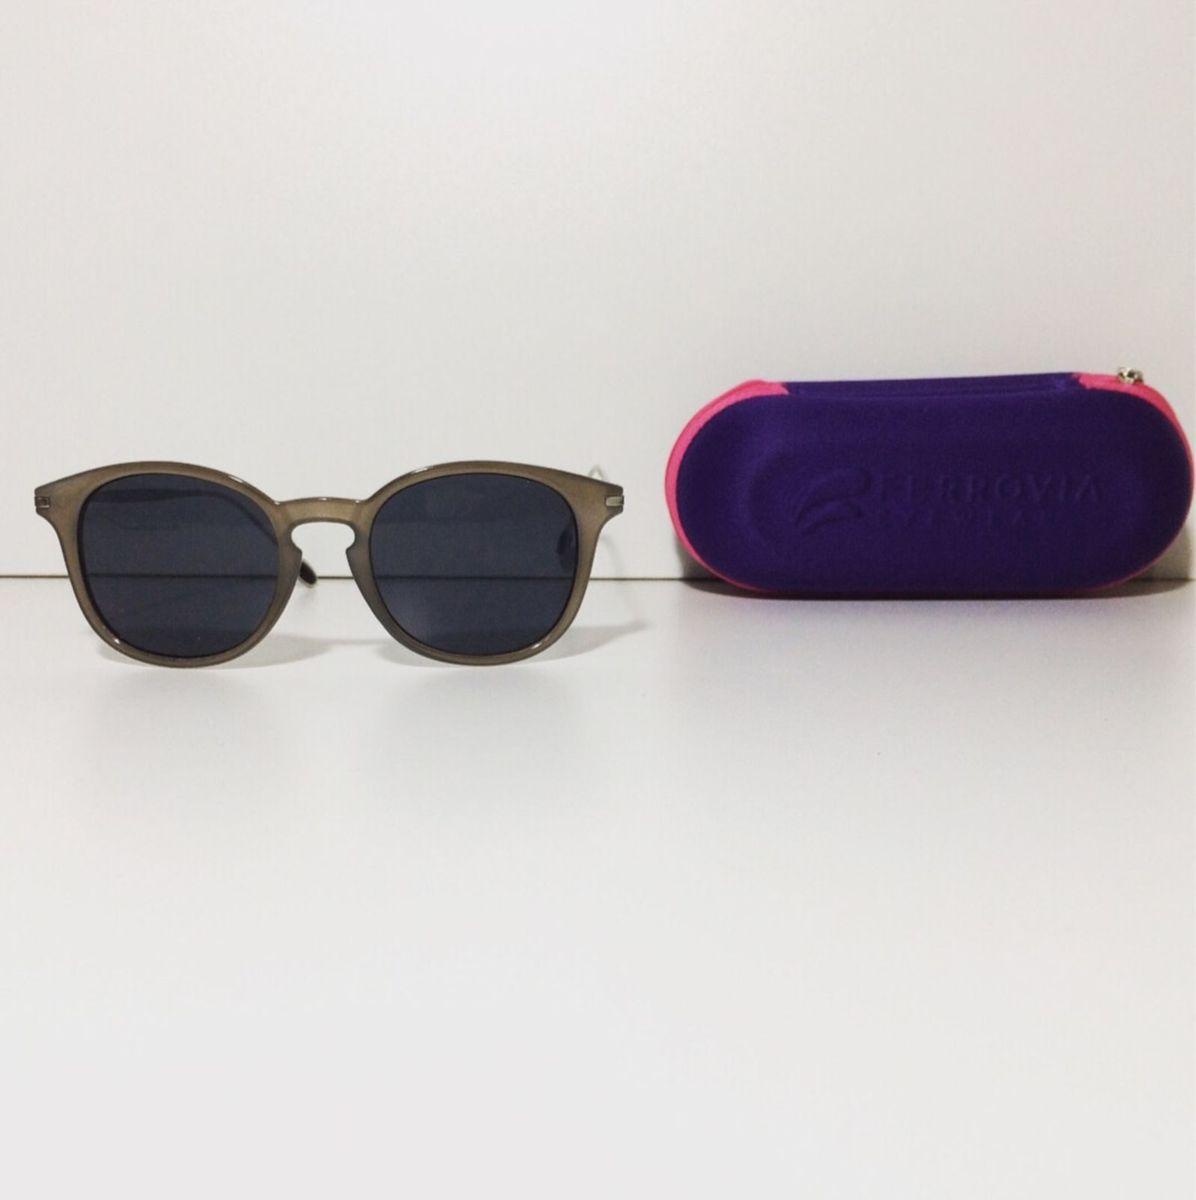 6ab5edded oculos de sol ferrovia - óculos ferrovia.  Czm6ly9wag90b3muzw5qb2vplmnvbs5ici9wcm9kdwn0cy85nta1ndmxl2nkztfintdhmzyyzjqxntnmntg4njc2ymexyzhhmtlklmpwzw